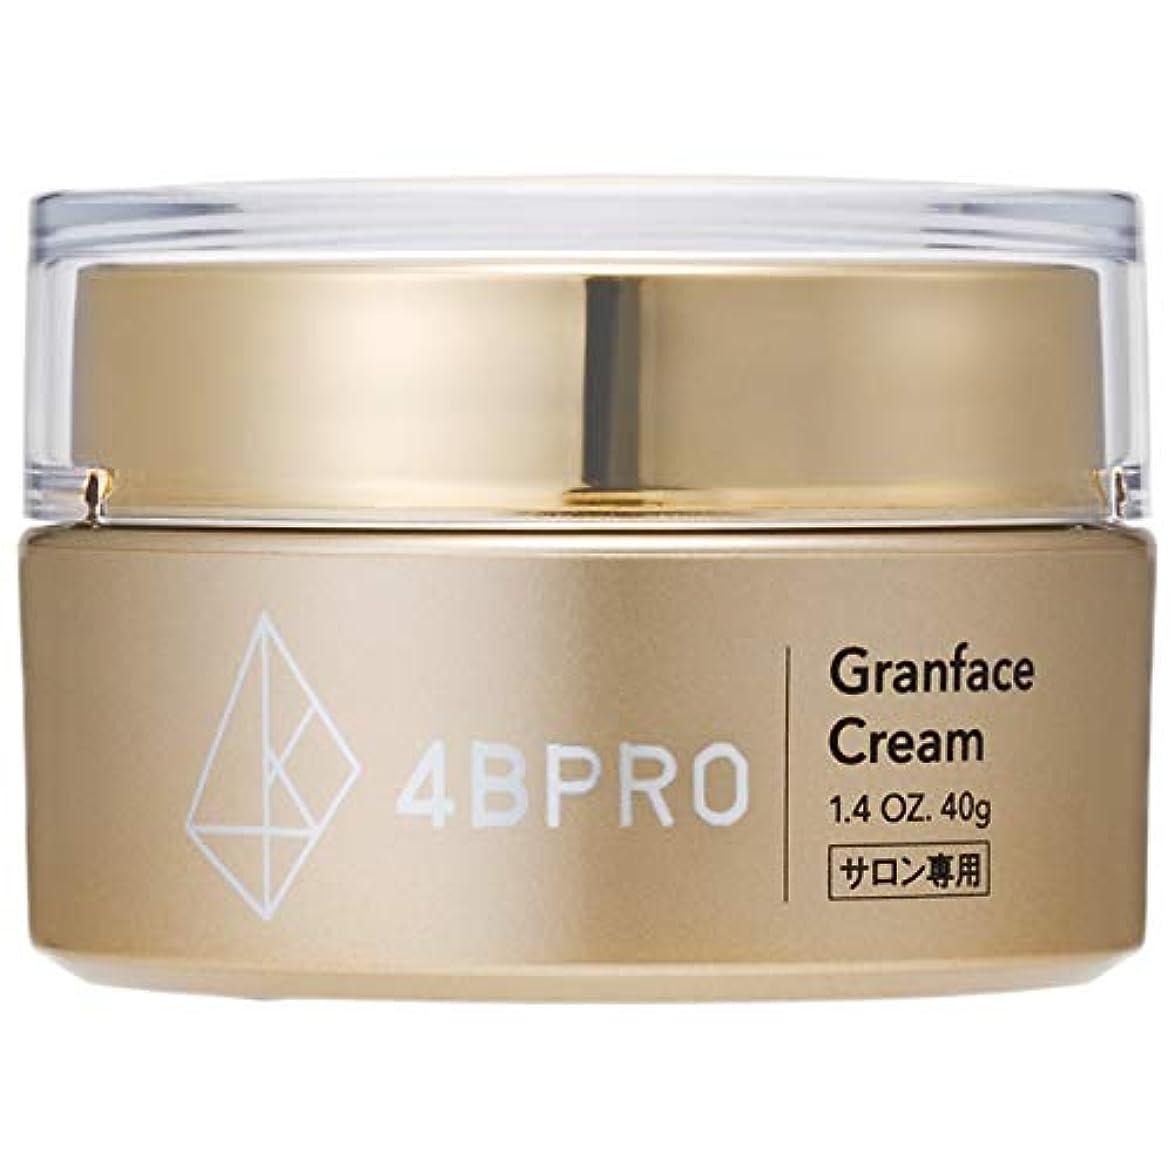 軌道経過担保4BPRO GranFace Cream(フォービープロ グランフェイスクリーム)フェイスクリーム 高浸透型ヒアルロン酸、抗炎症、抗酸化、美白美容成分配合 40g